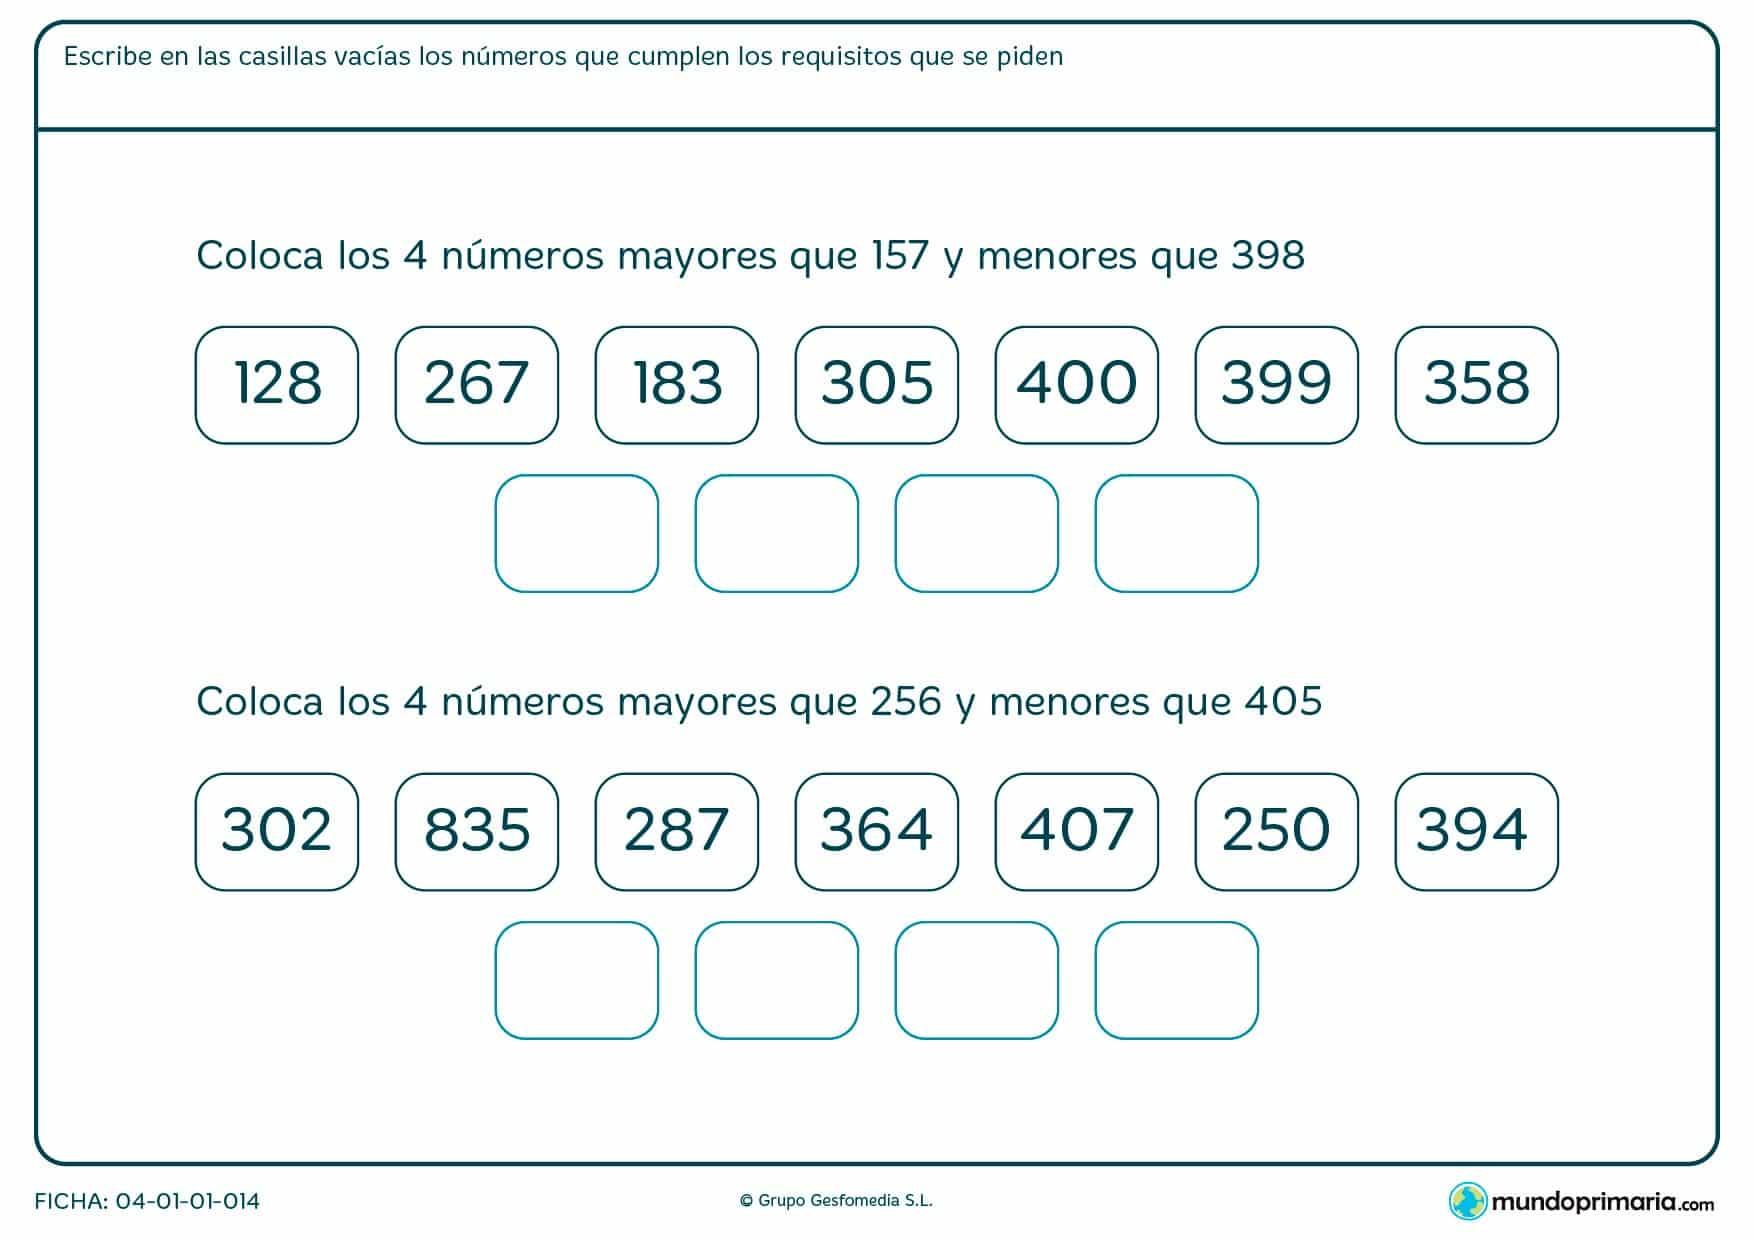 Ficha de colocar números que hay entre 2 de 3 difras que te señalamos. Escribe los que cumplan ese requisito.